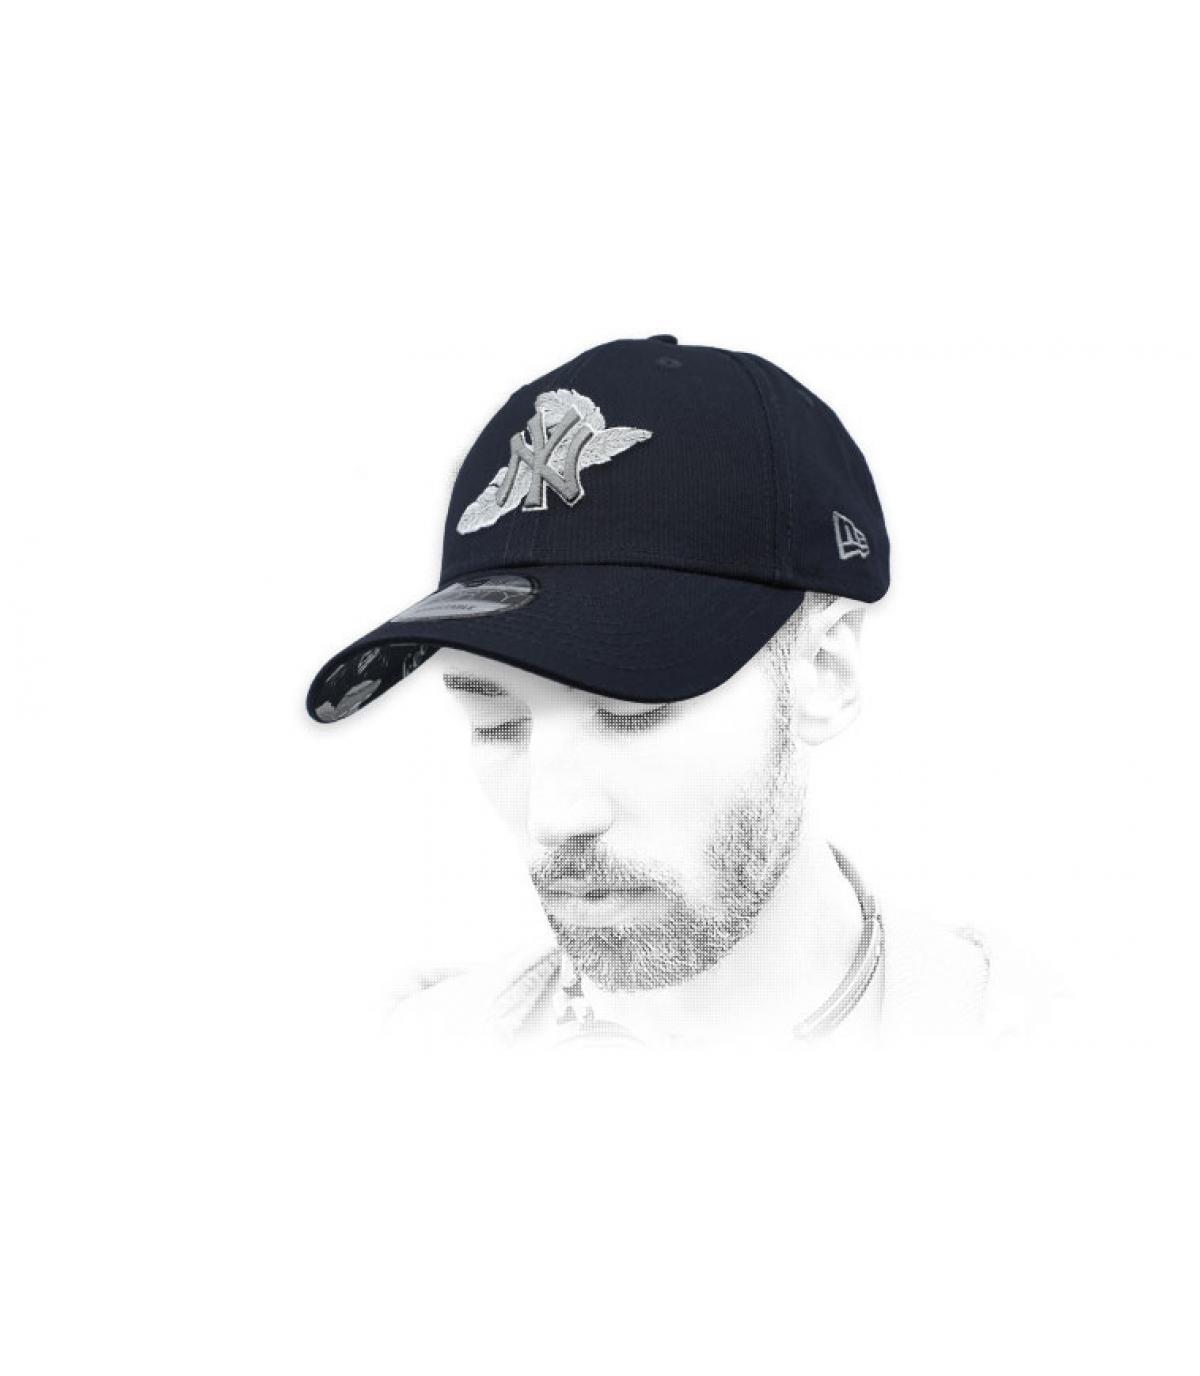 casquette noire NY